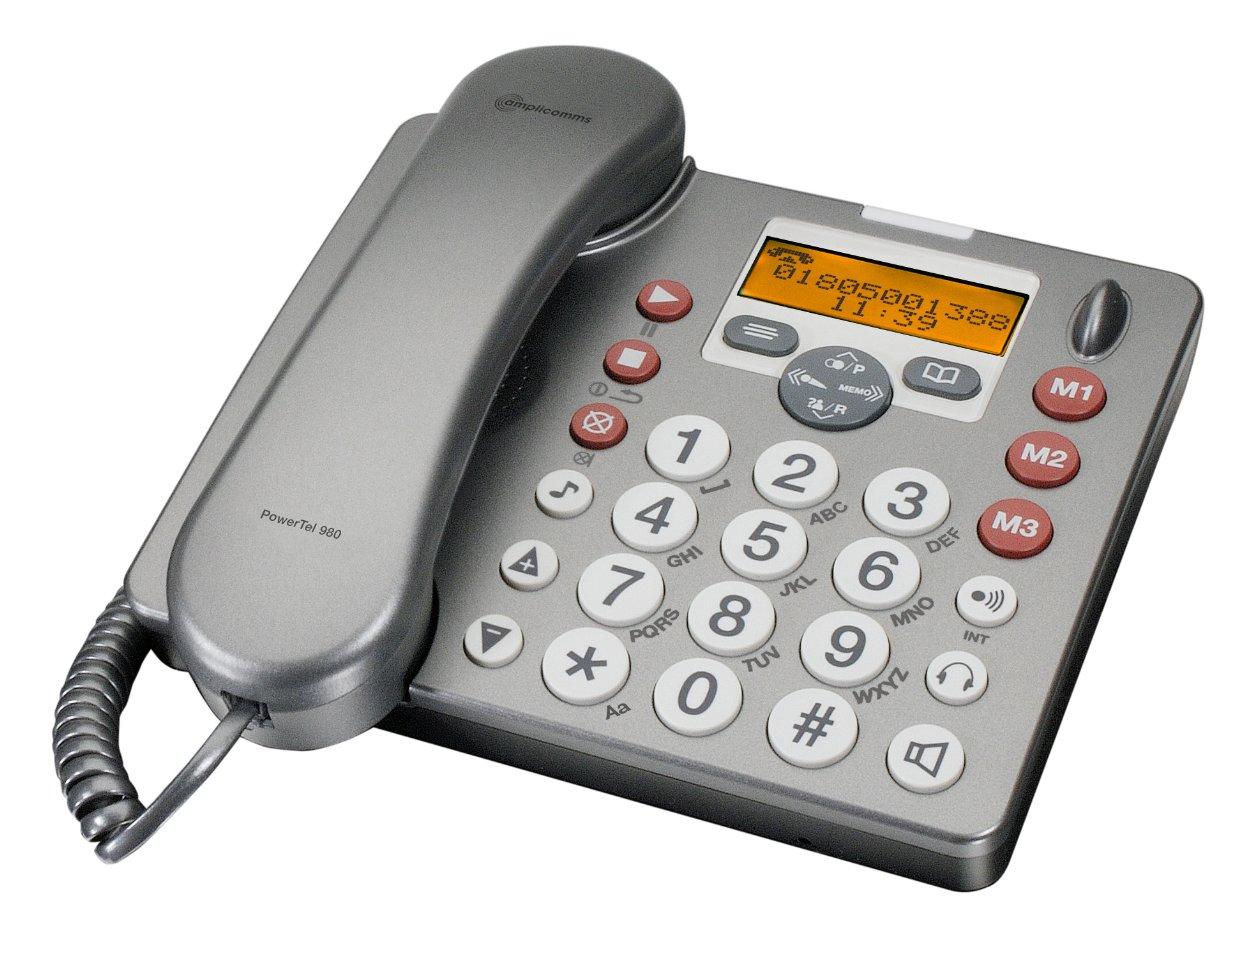 AMPLICOMMS PowerTel 980 Tischtelefon mit zus. Hand  Kundenbewertung und weitere Informationen